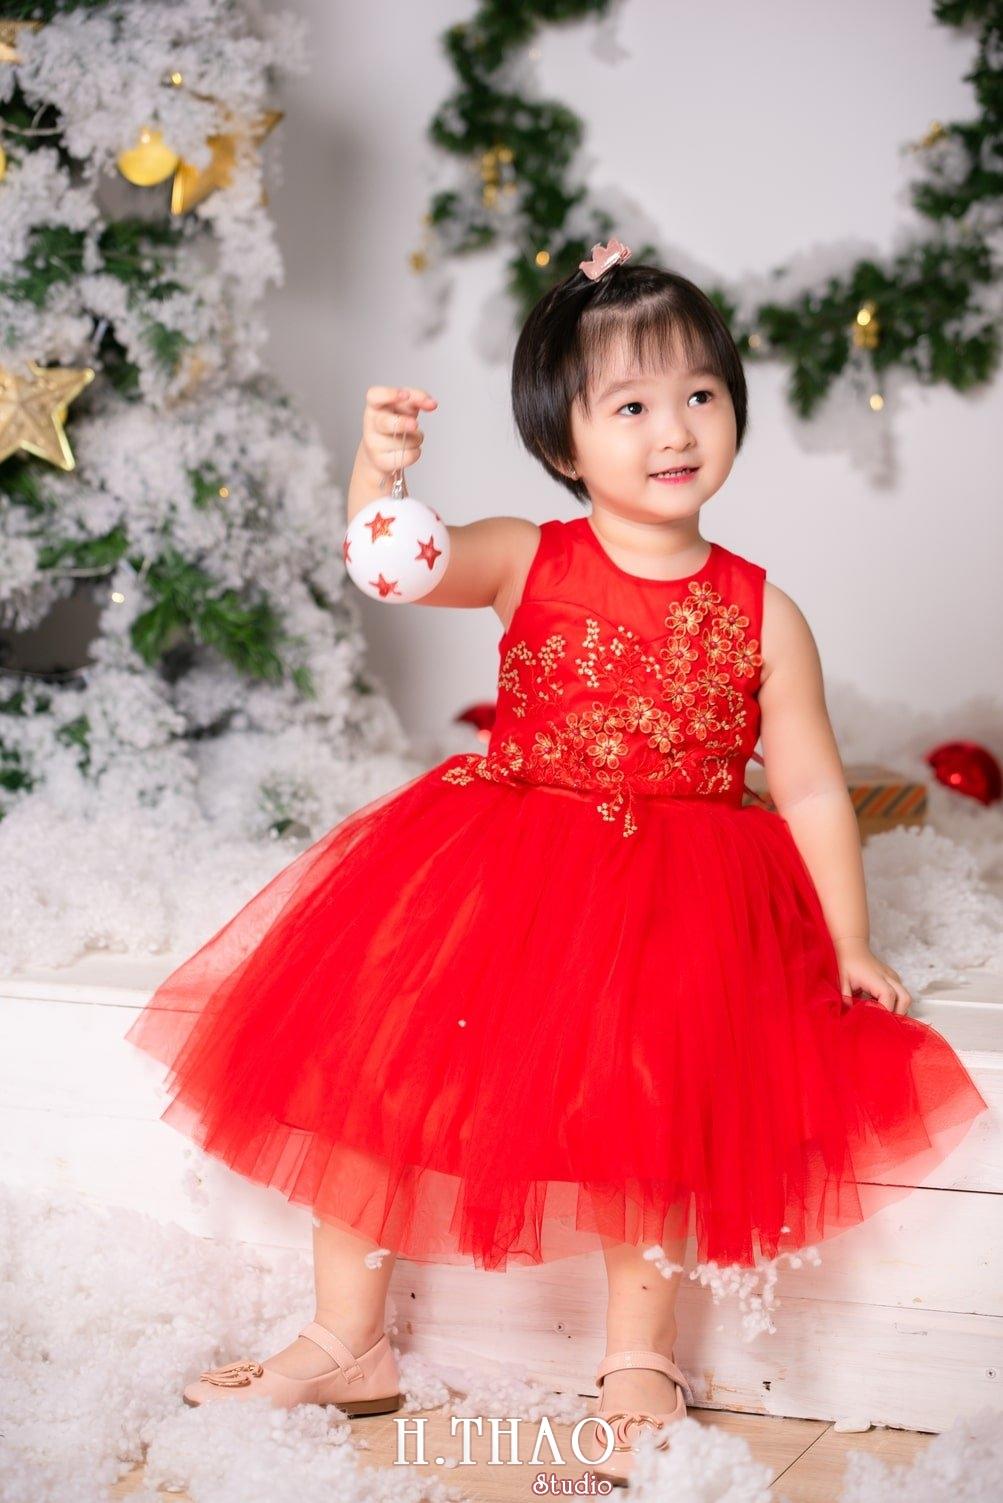 Anh be noel 22 - Album ảnh noel chụp cho con gái cưng chị Linh - HThao Studio